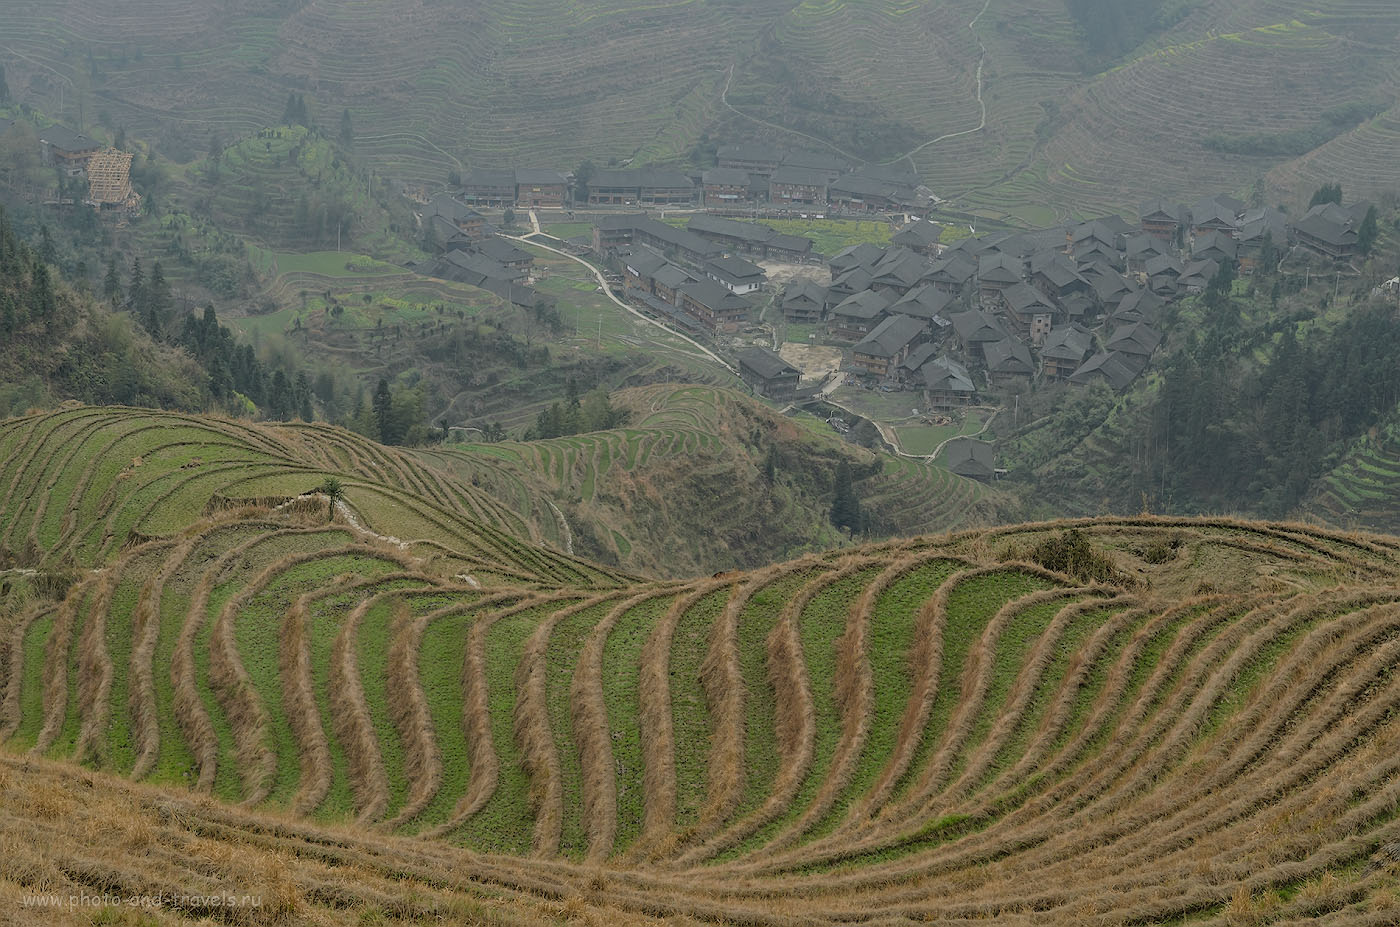 Фото 12. Поездка на экскурсию к рисовым террасам в Китае. Вот он - Хребет Дракона, что по-китайски значит Longji Rice Terraces